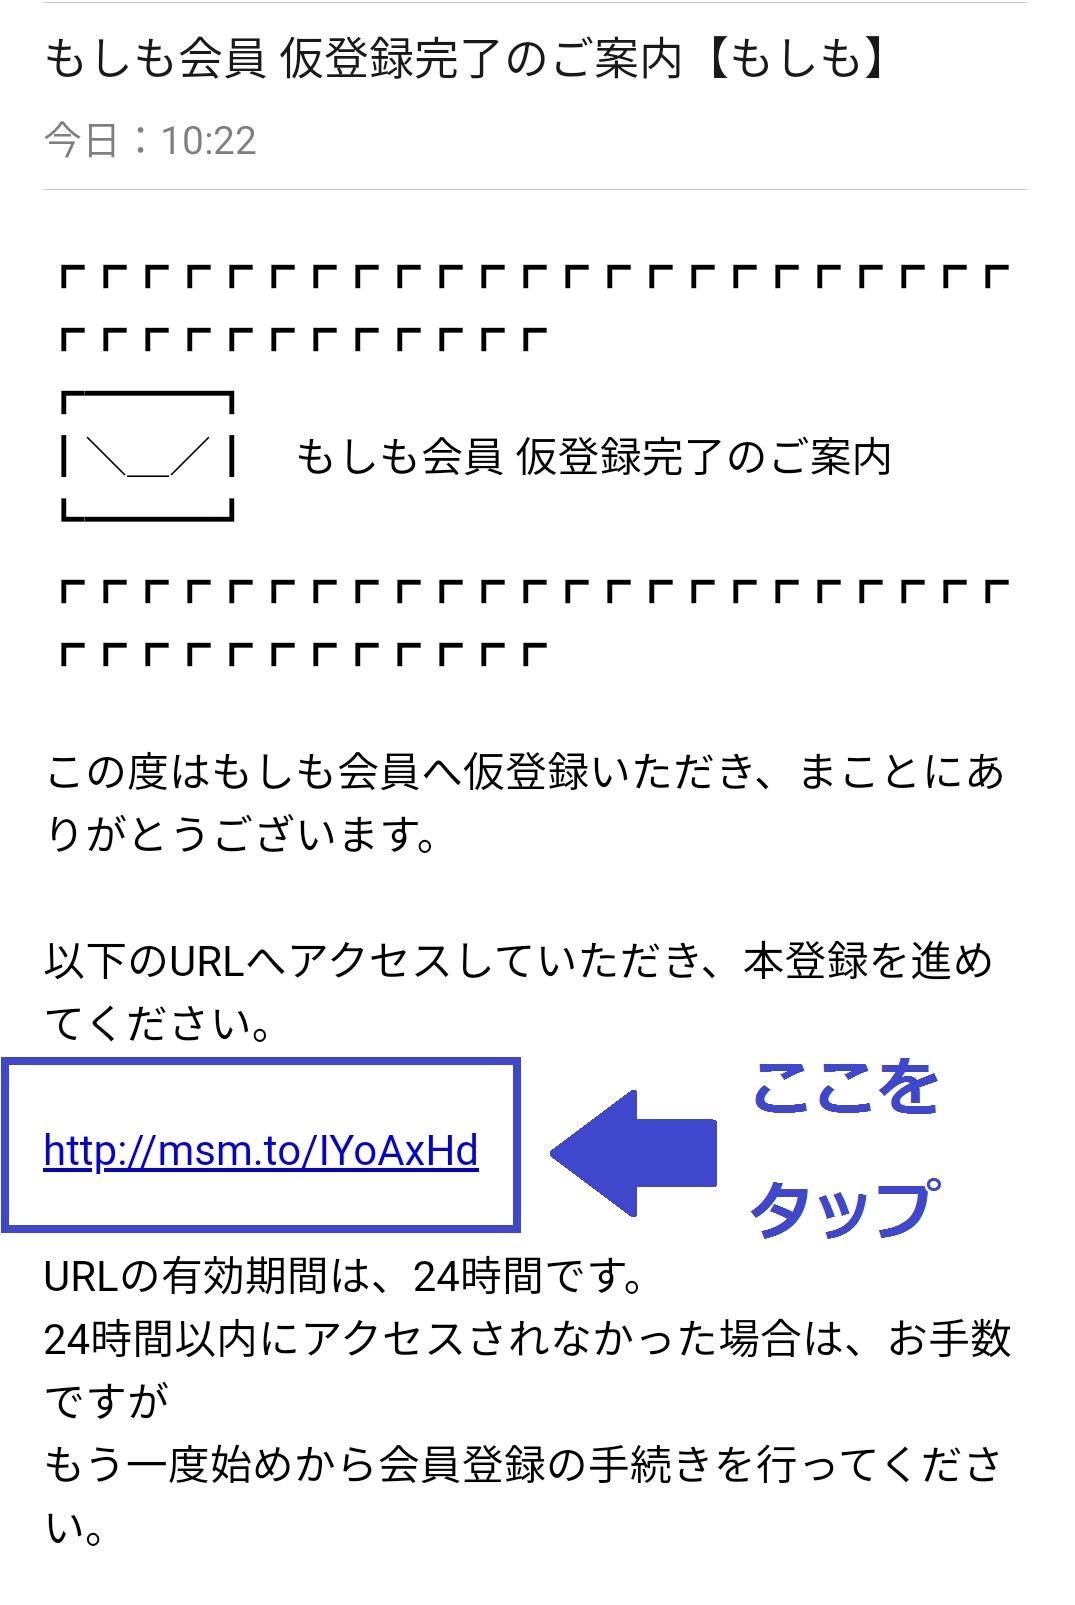 スマホでブログの始め方を説明するもしもアフィリエイトの仮登録メールを確認